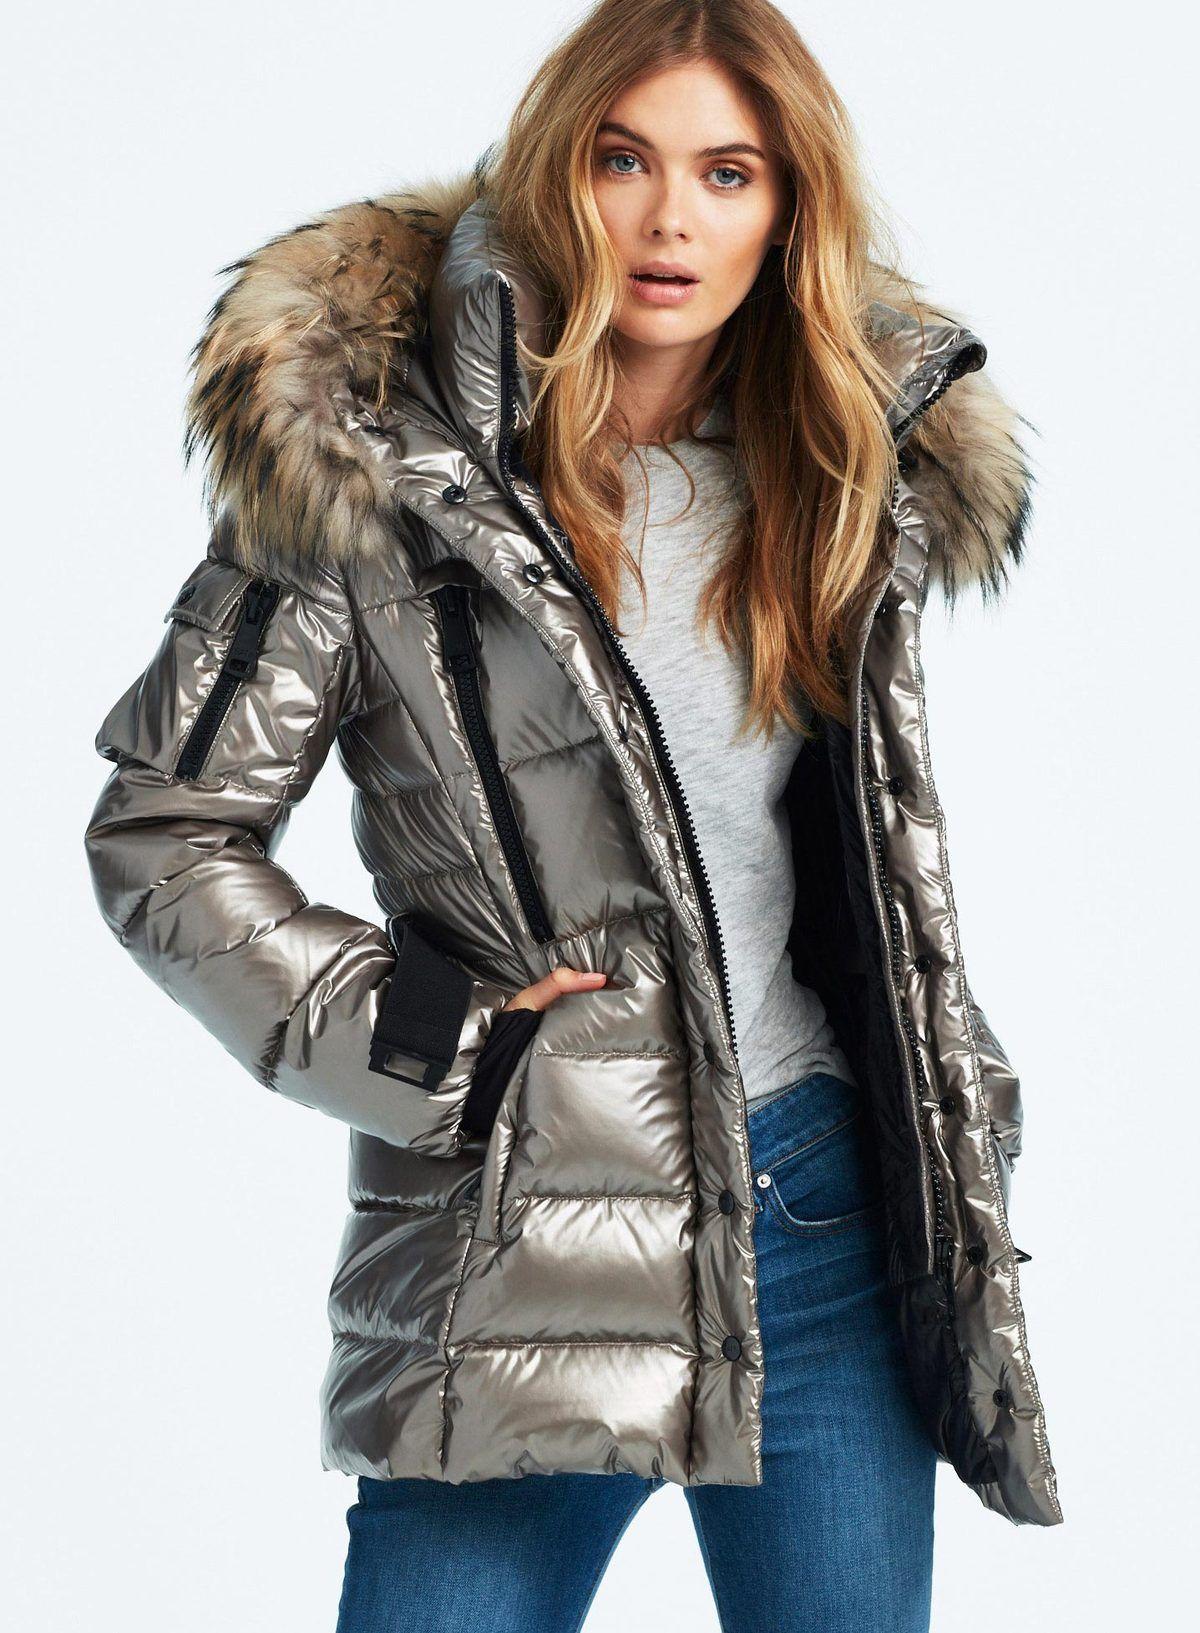 Millennium Gunmetal Puffer Jacket Women Fur Hood Jacket Shiny Jacket [ 1633 x 1200 Pixel ]